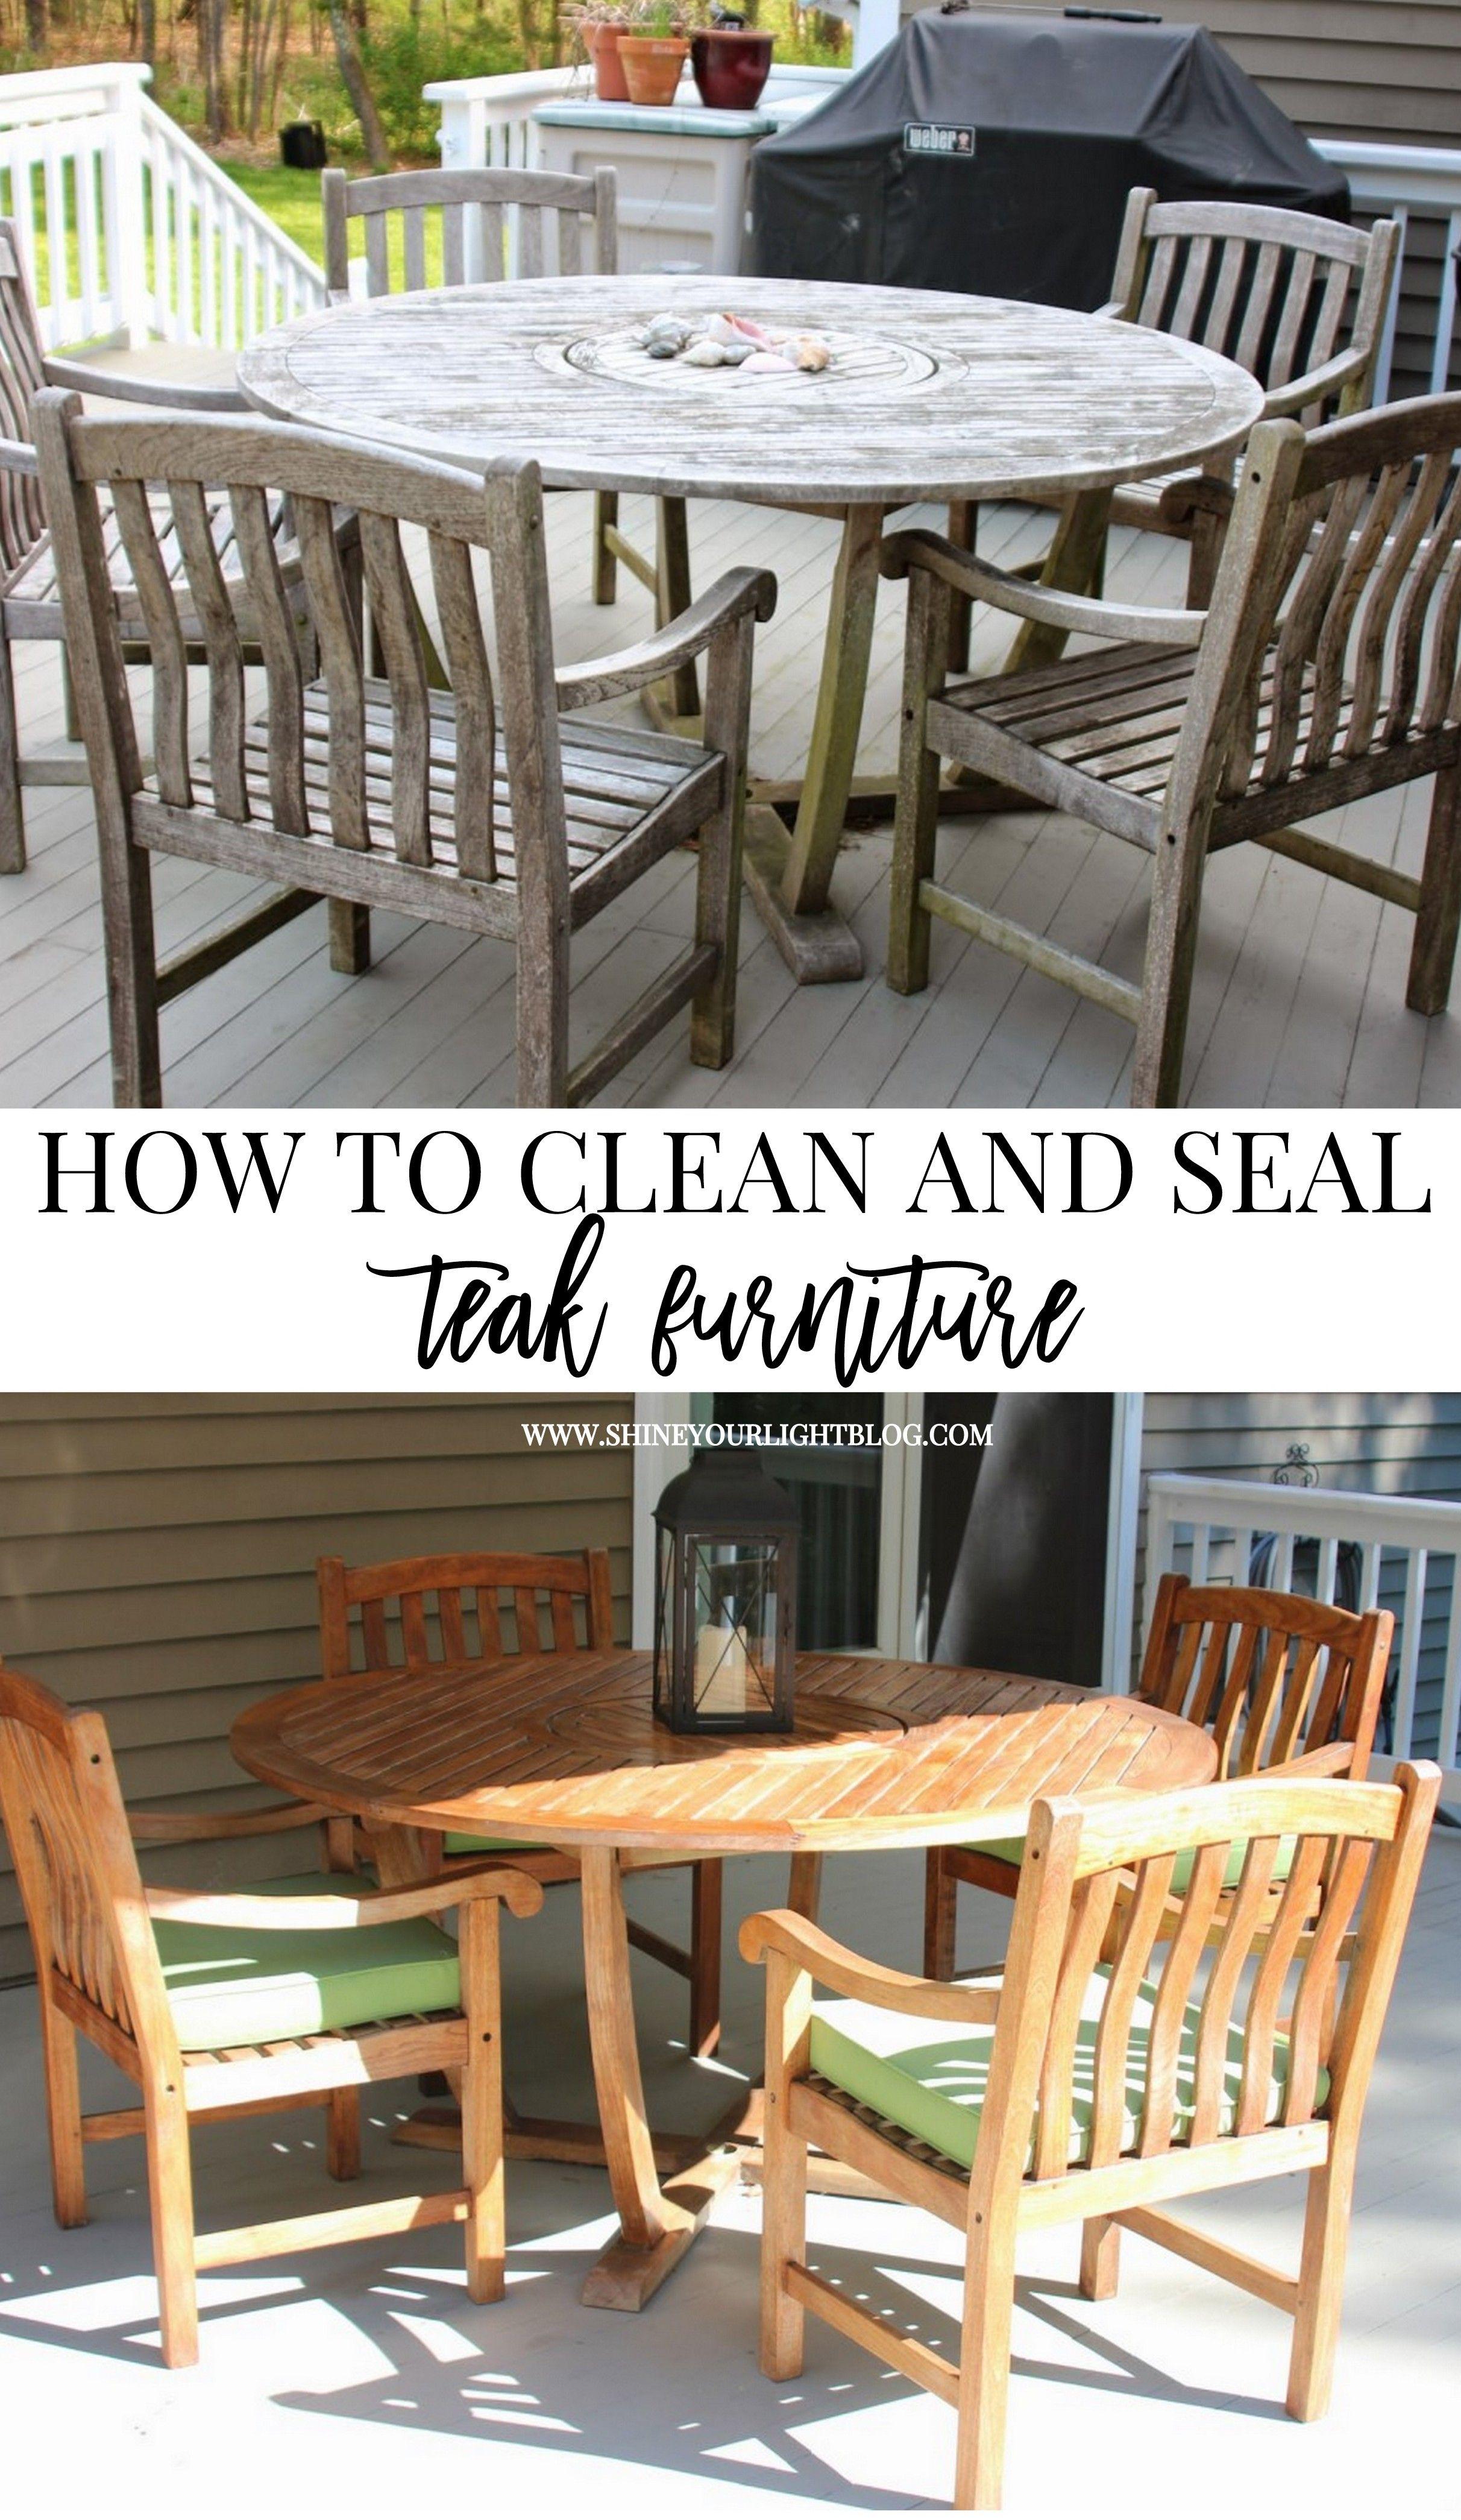 Cleaning & Sealing Outdoor Teak Furniture Backyard